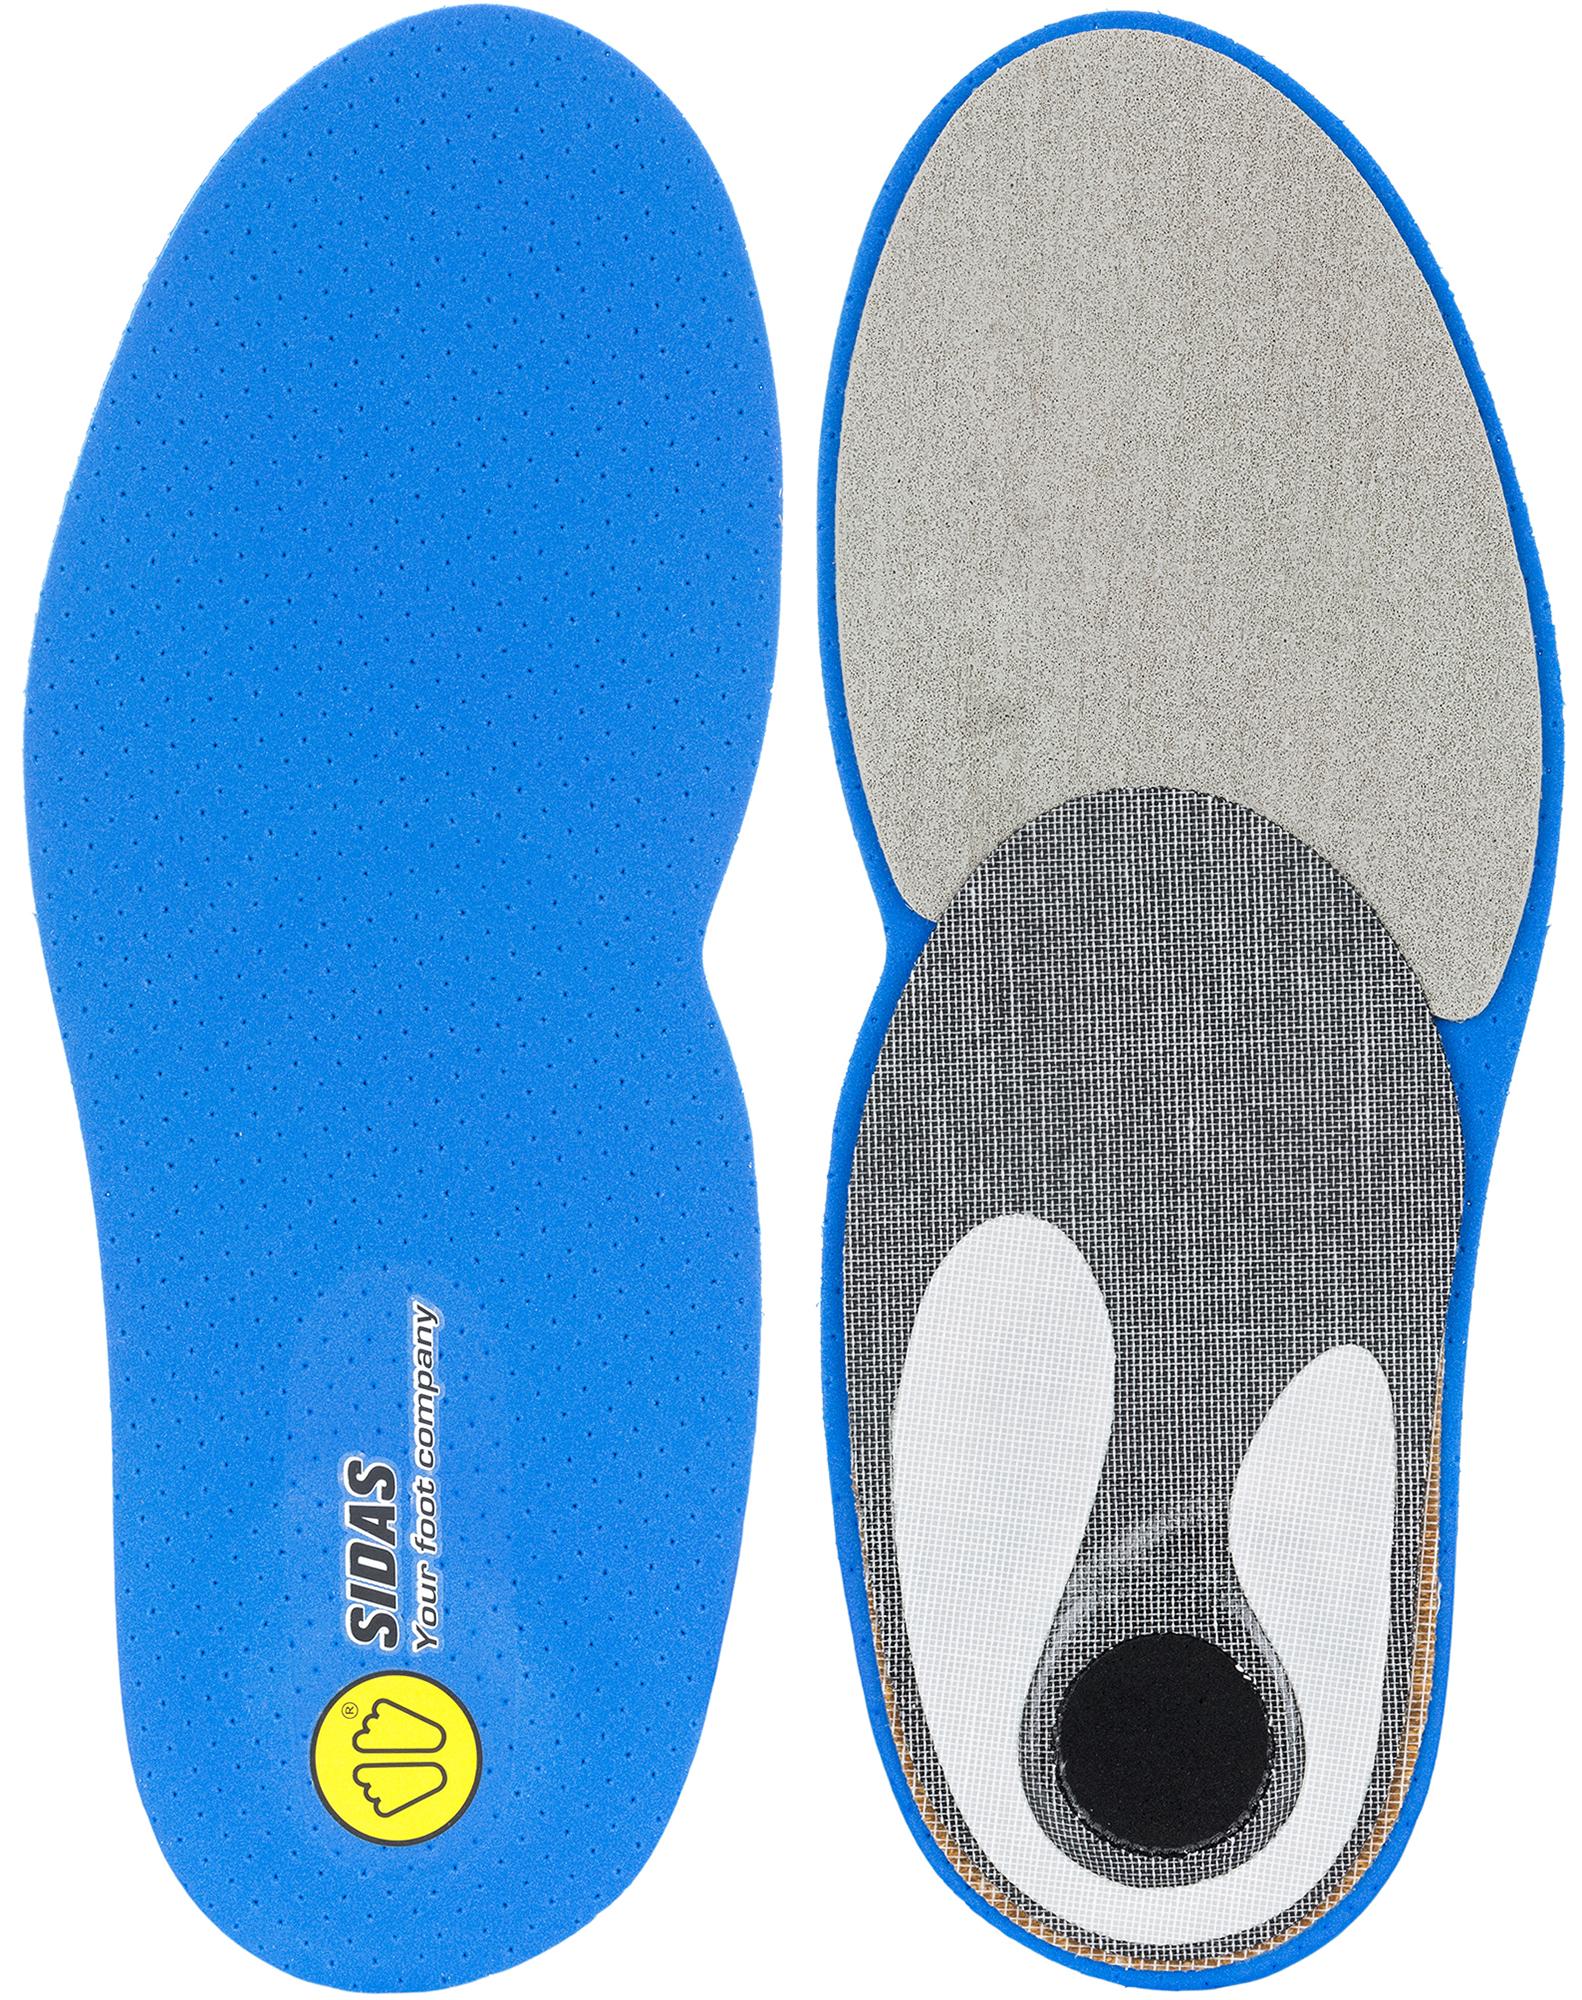 Sidas Стельки Sidas Custom Run, размер 44-45 цена 2017